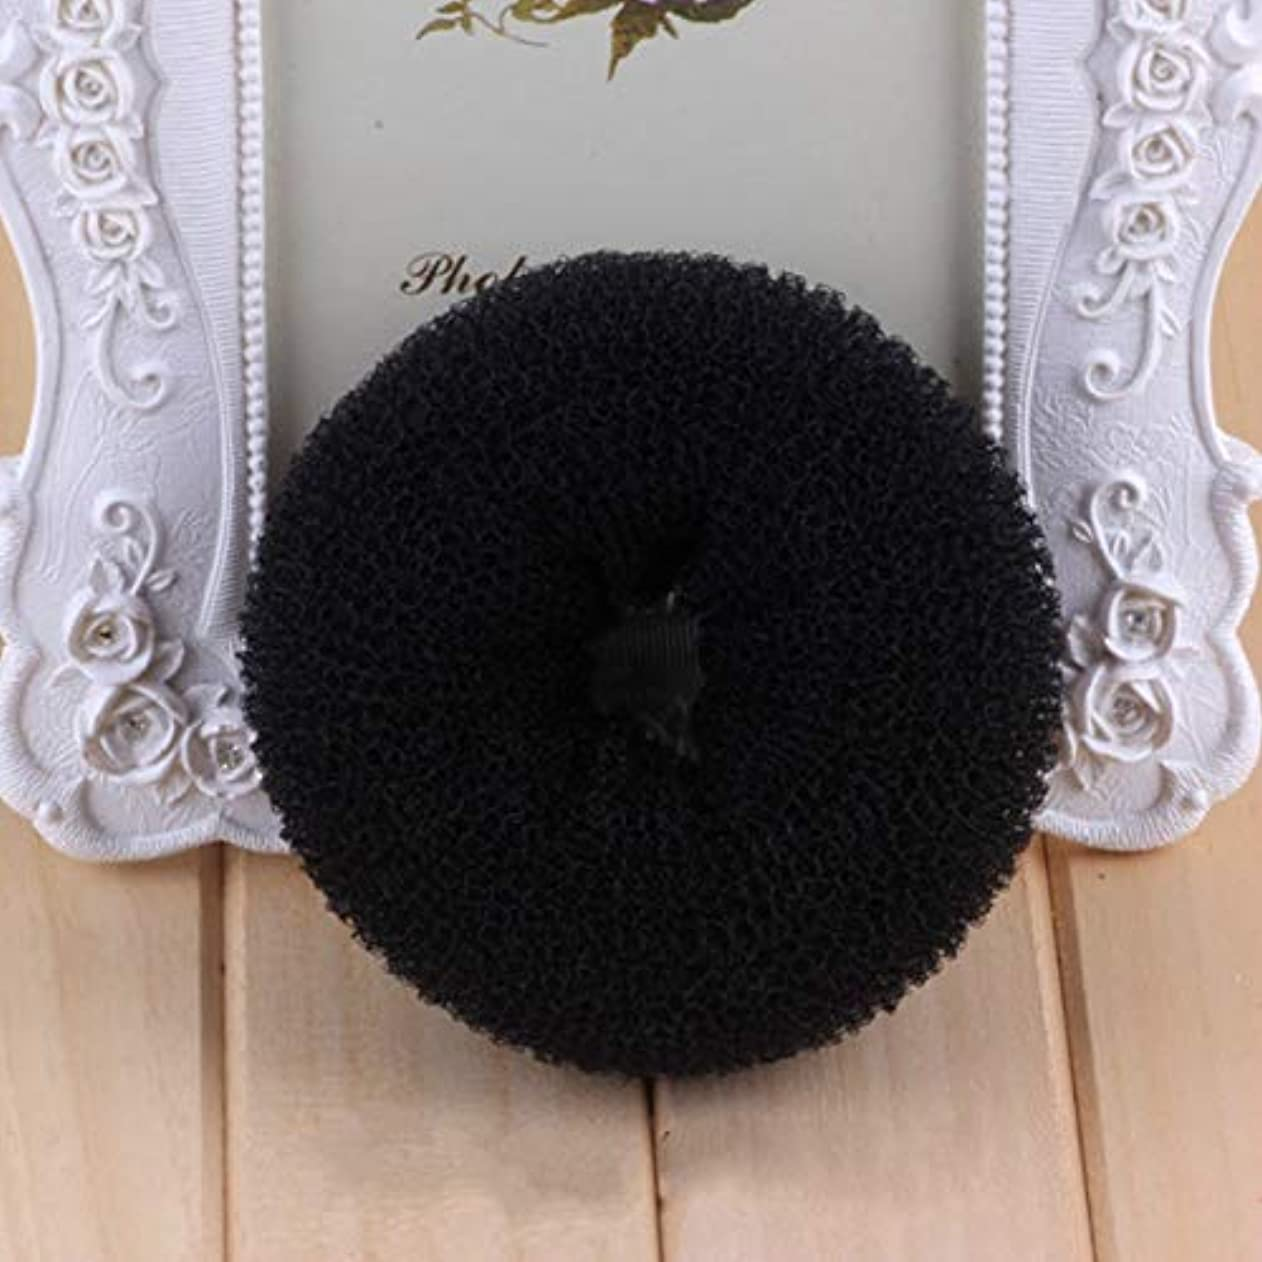 Intercoreyヨーロッパアメリカのファッションポータブル女性アップヘアスタイリングバンドDIYヘアパンメーカーカーラークイック折りたたみラップ用品